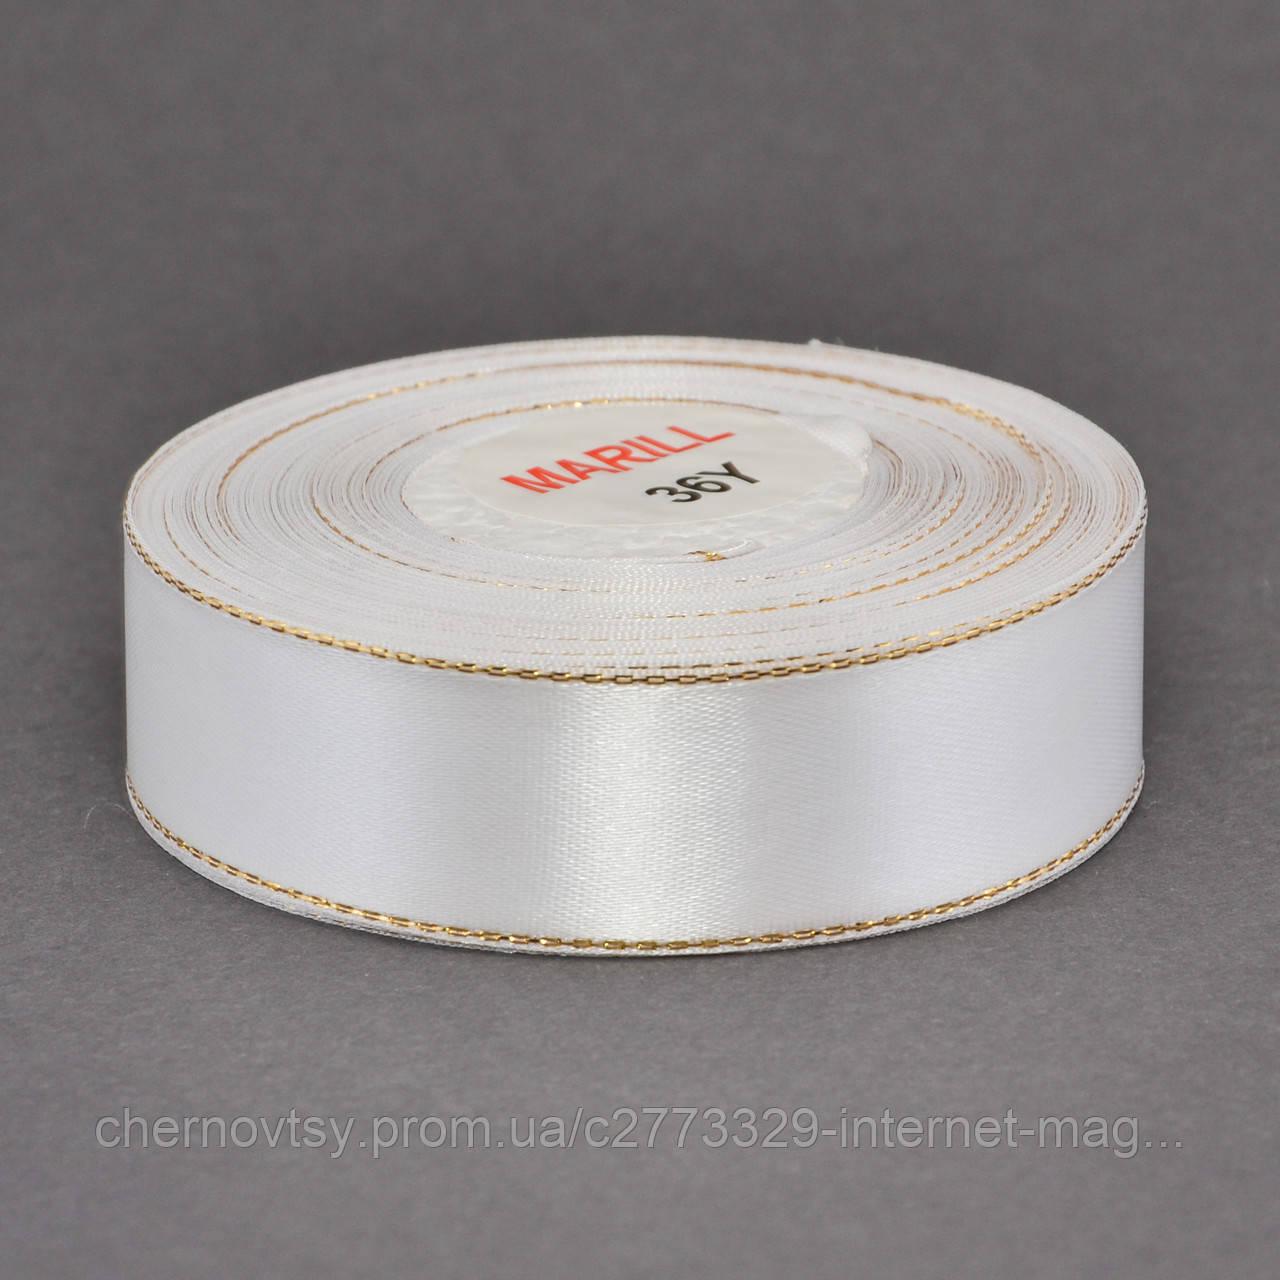 Лента атлас с люрексом 0.9 см, 33 м, № 01